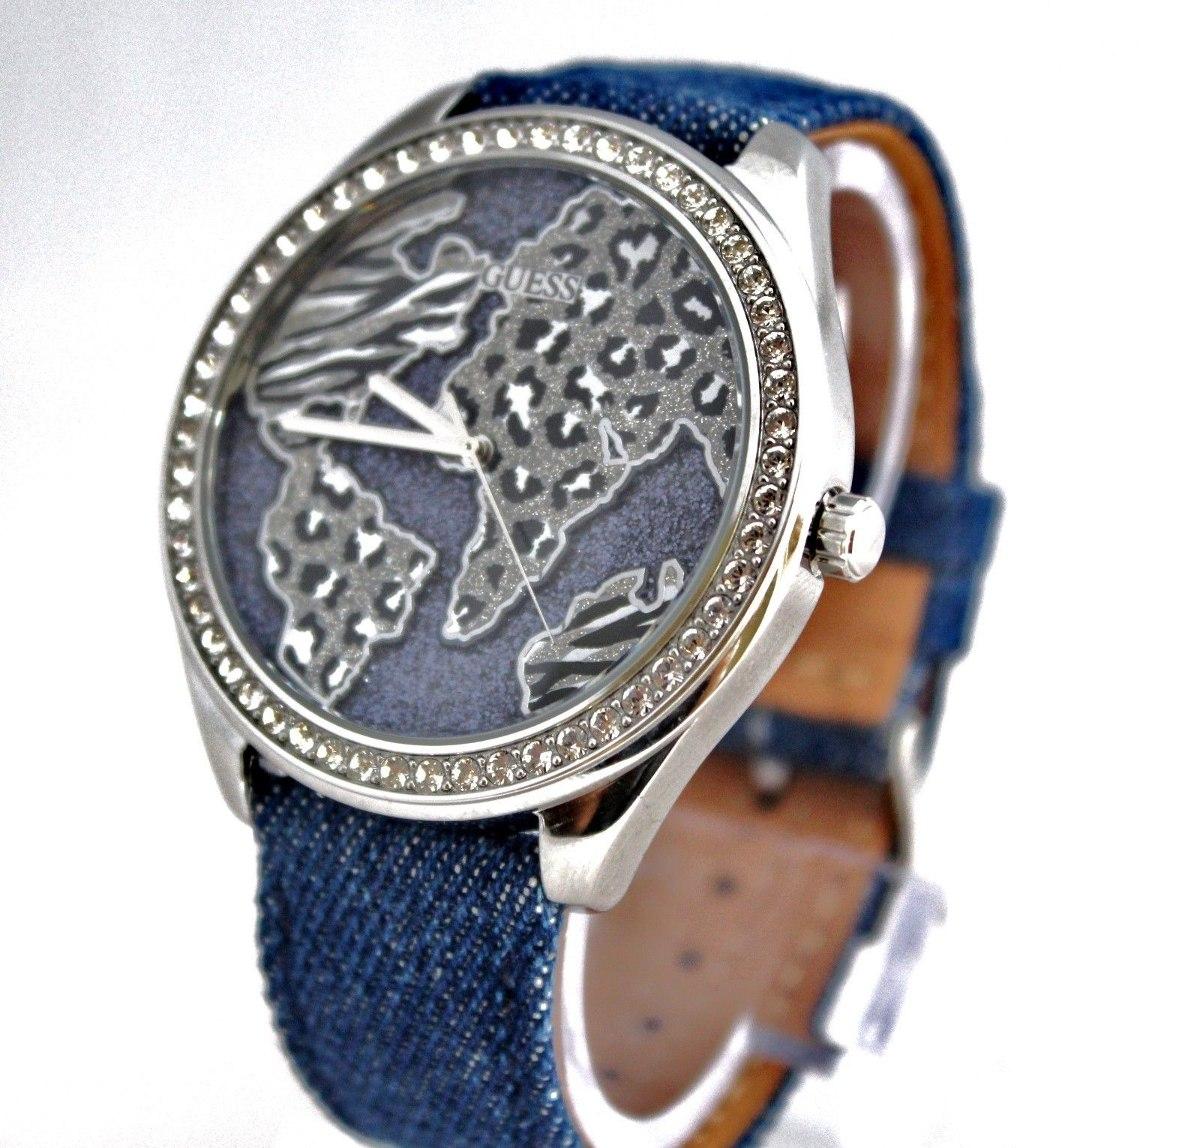 Nuevo Guess U0504l1 Reloj Dorado De Cuero Azul Con Esfera ... ec4894975634